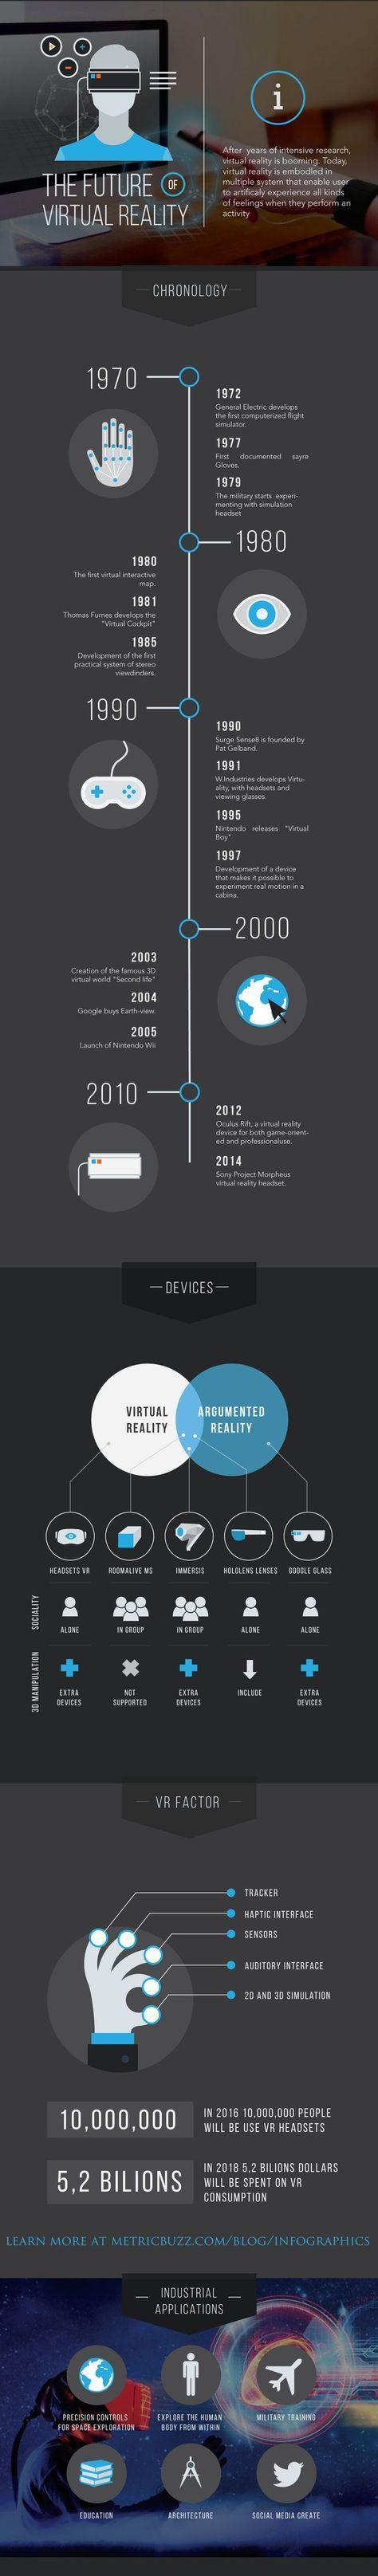 Virtual Reality History - was in der Grafik fehlt: inzwischen gibt es mit dem Sl...